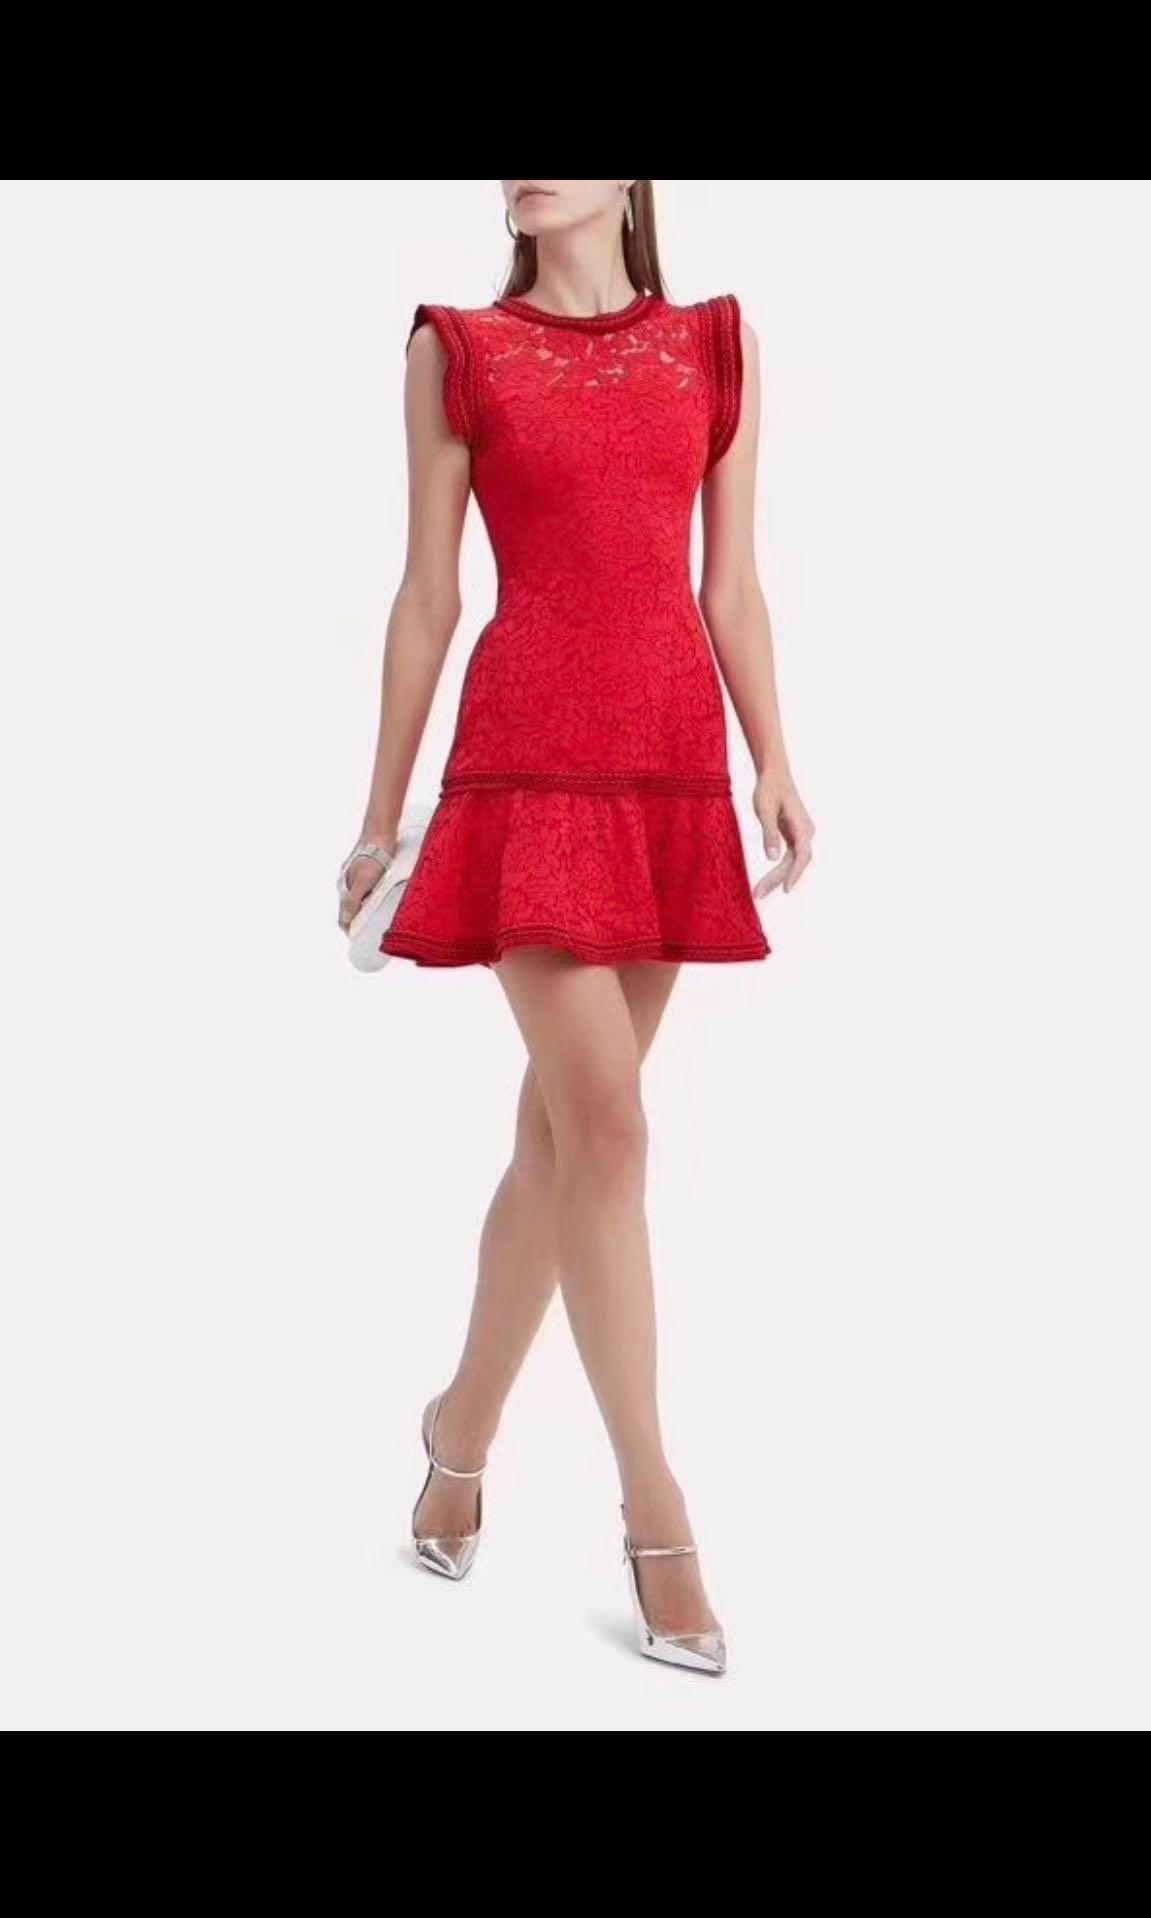 5b87c51e41e Alexis red lace dress cny